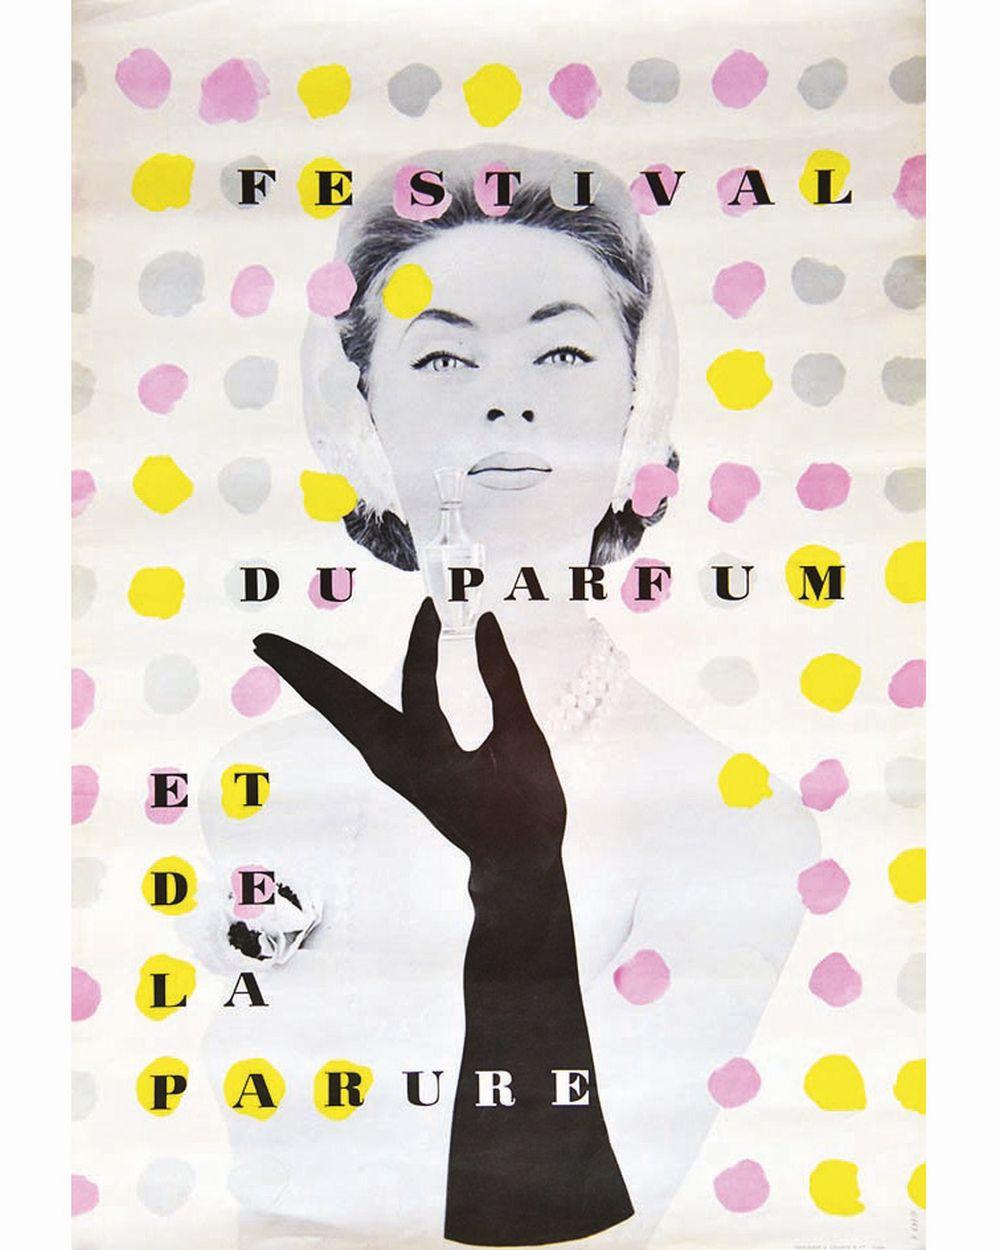 KNAPP P. - Festival du Parfum et de la Parure     vers 1950